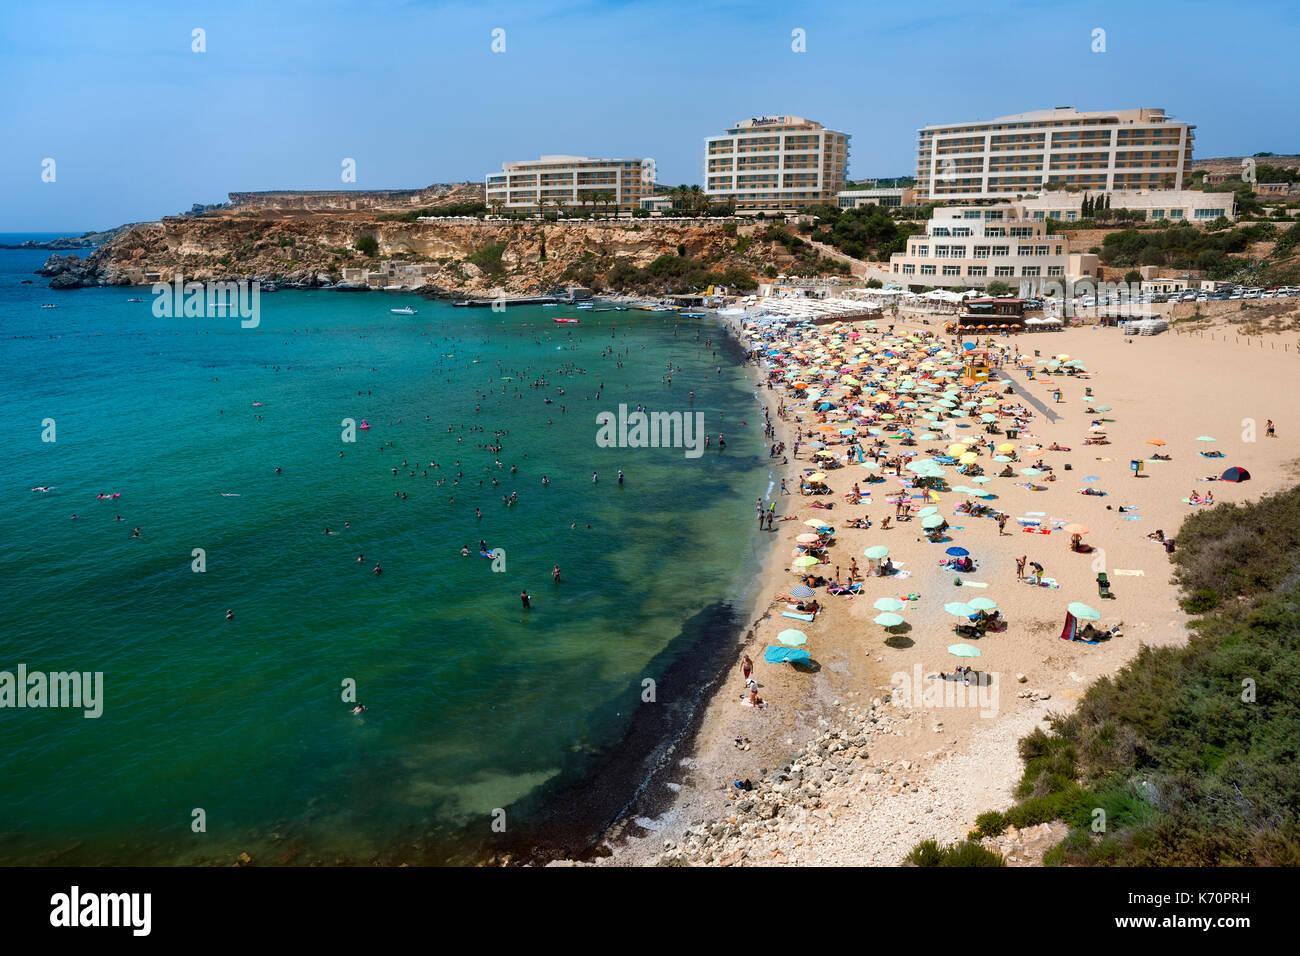 Golden Bay Beach (ir Ramla tal mixquqa) an der Westküste von Malta. Stockbild